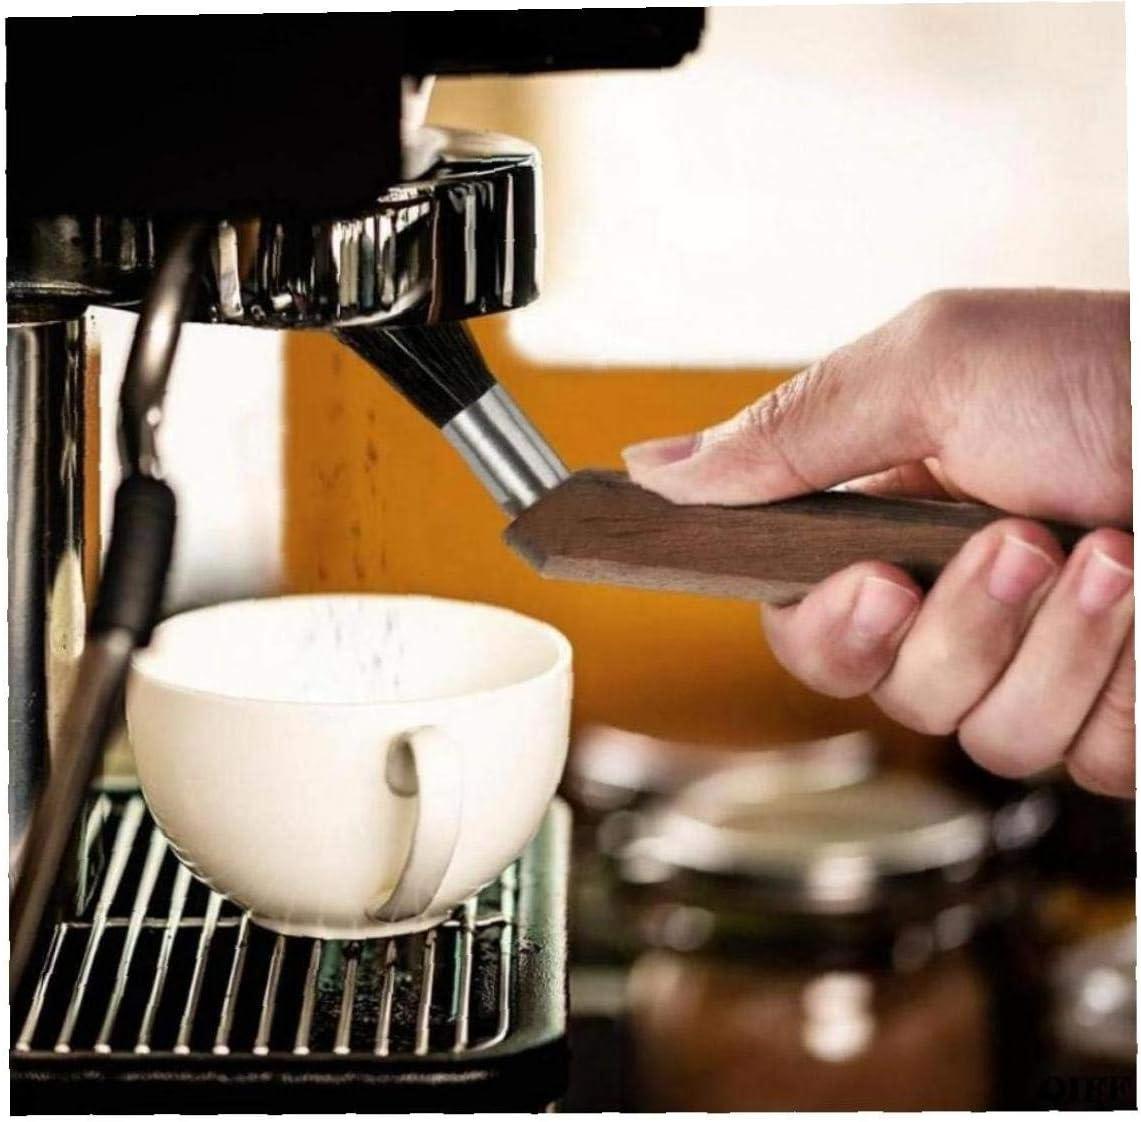 Angoter Machine /à Expresso Moulin /à caf/é Nettoyage Pinceau Poudre Naturel Soies Noyer Bois pour Barista Accueil Cuisine Bean Grain Outil